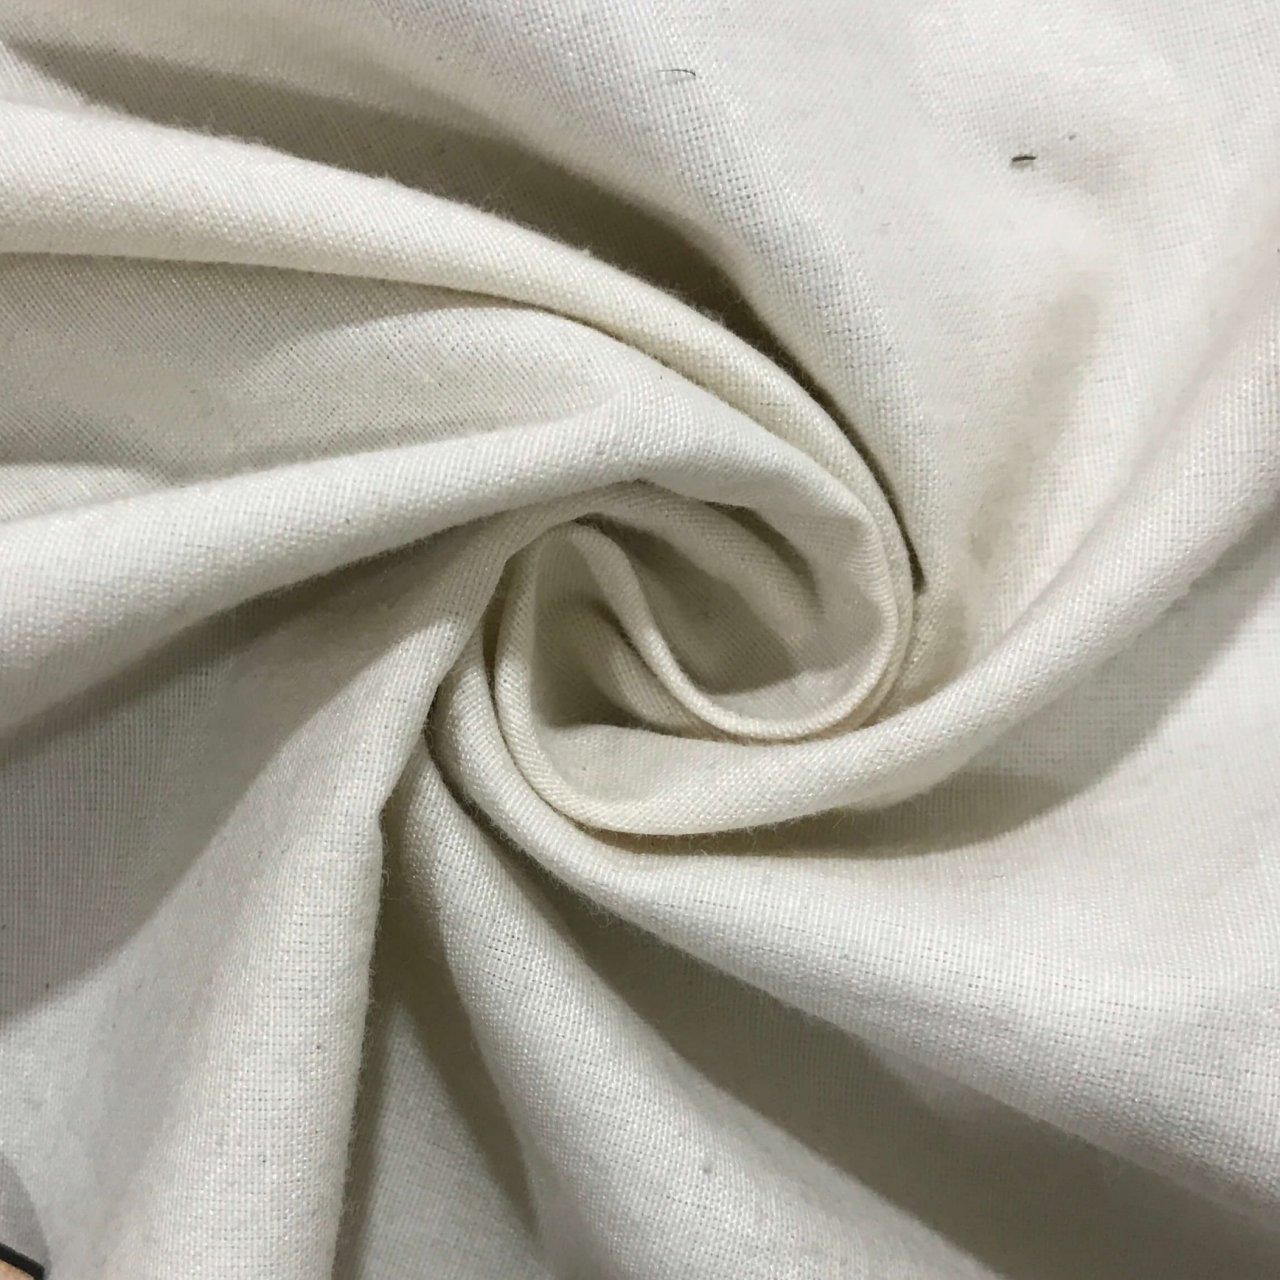 پارچه متقال سفید درجه یک (یک متری)